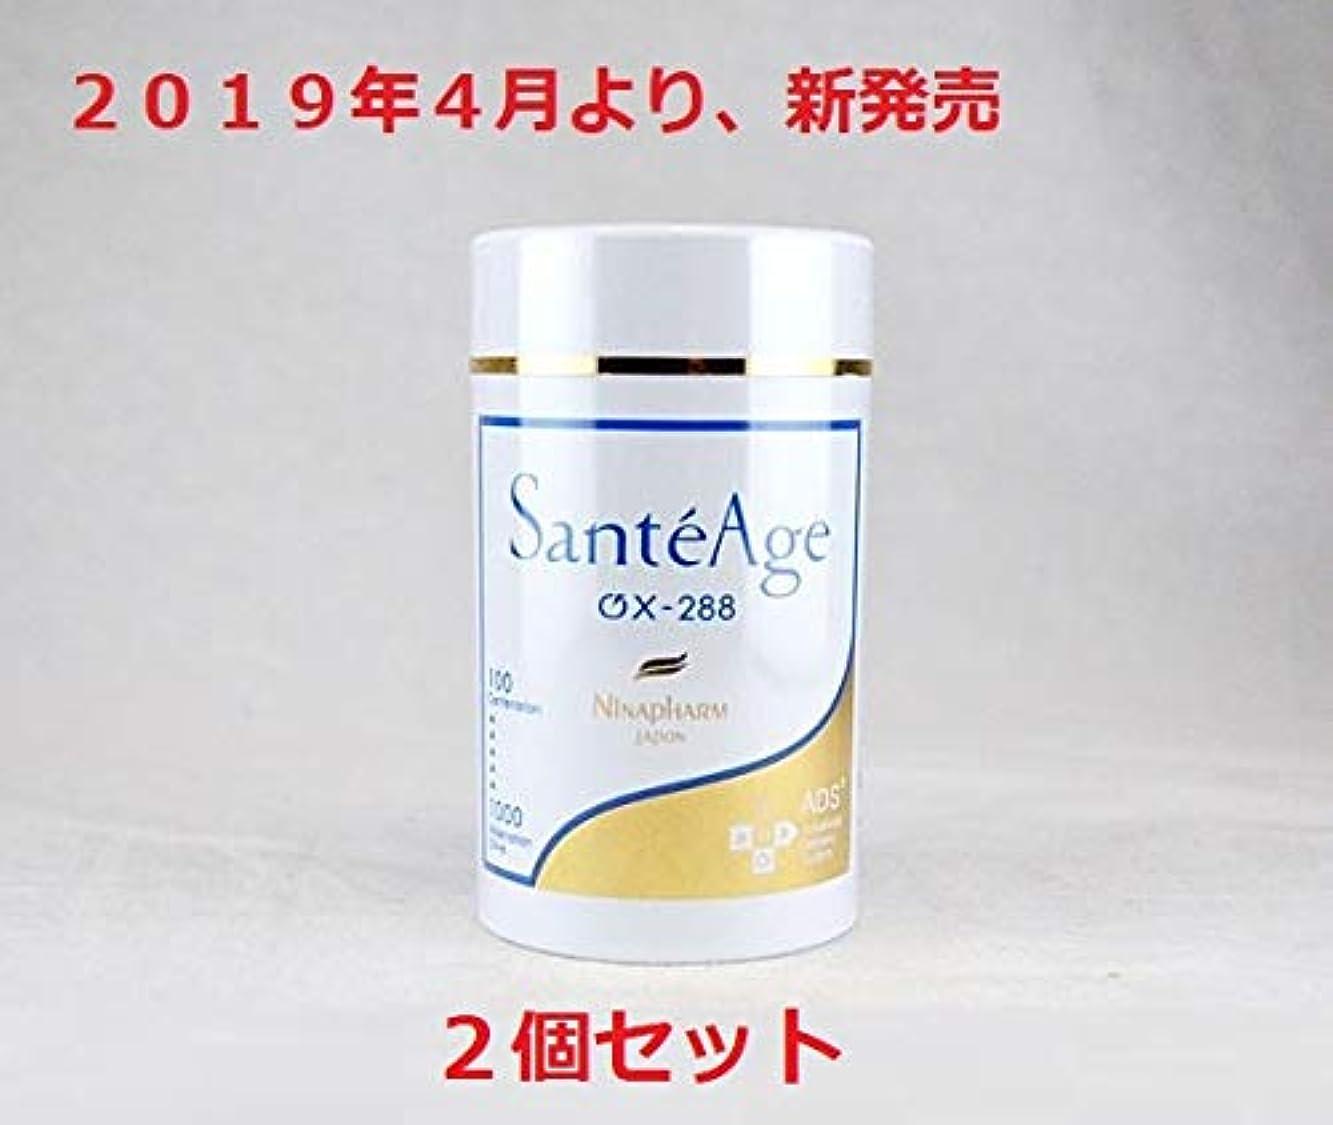 グループ放射能難破船2個セット【ゴールドパッケージ】サンテアージュOX  ニナファーム